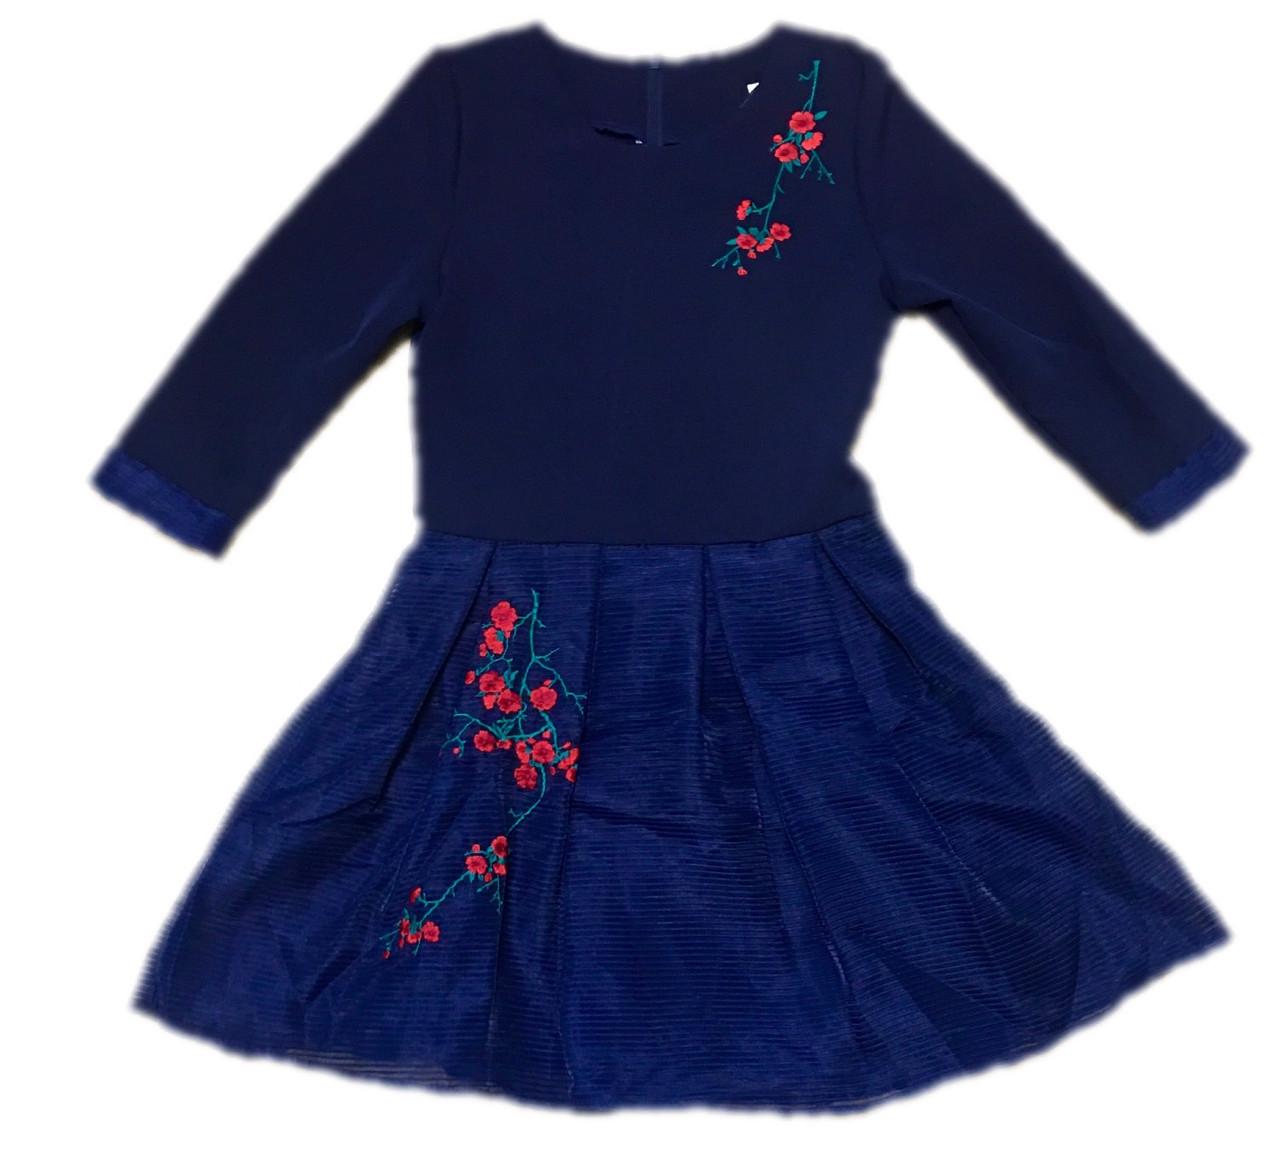 Стильное платье детское для девочки в вышивкой, 146см